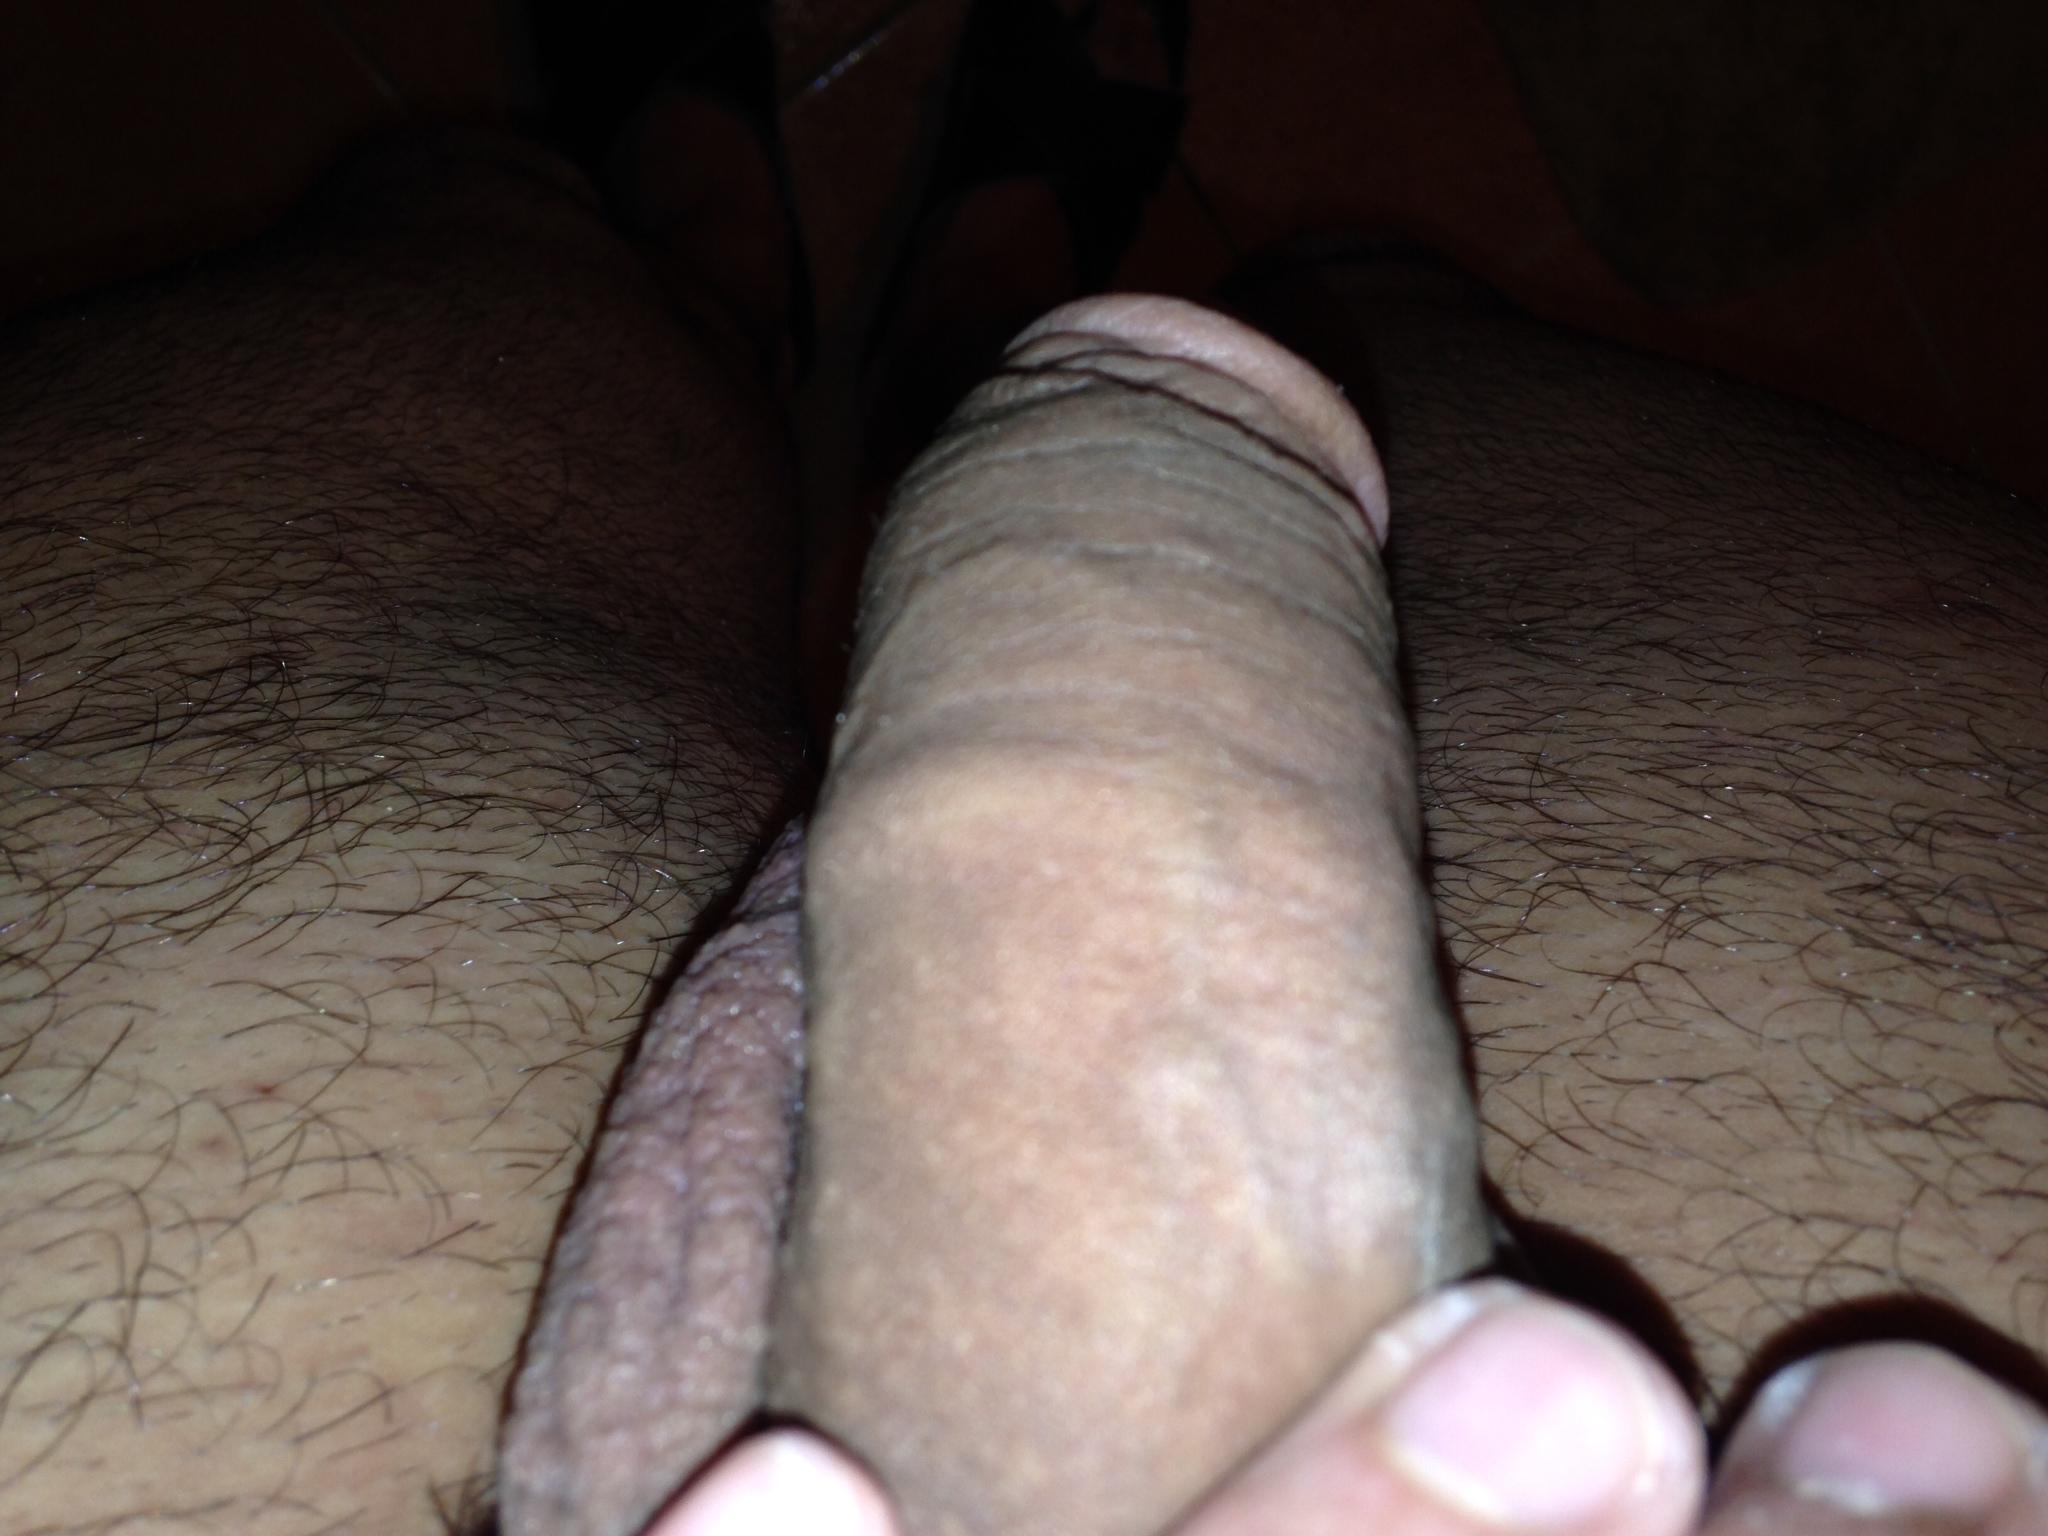 Swollen Veins On Penis 89